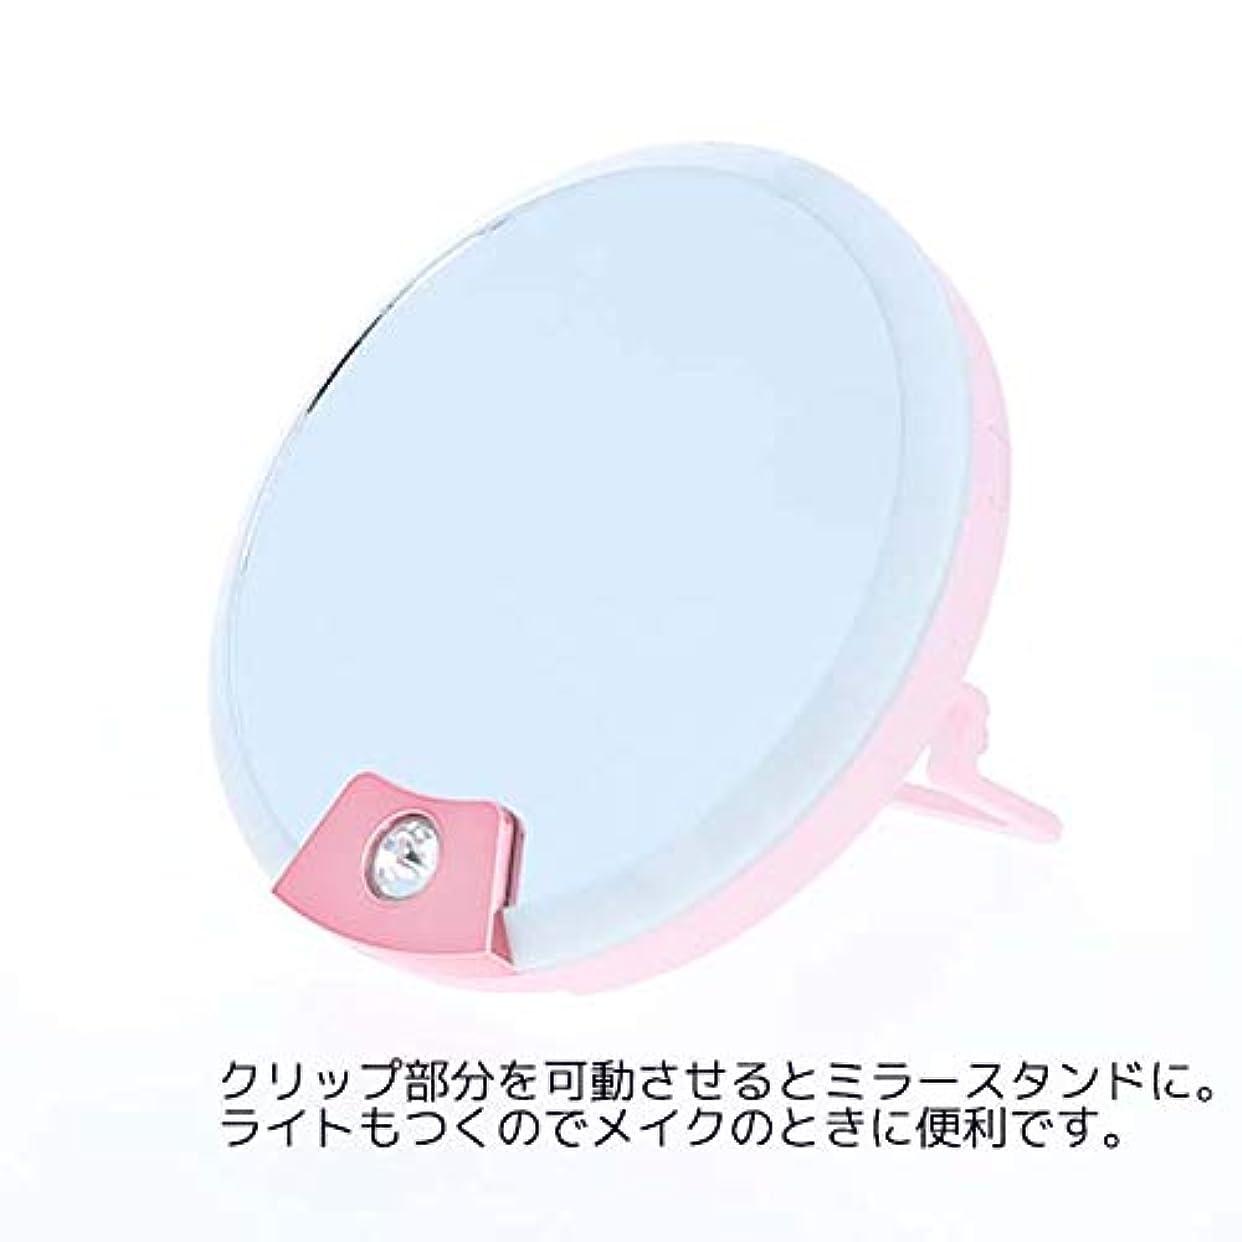 tinyM ミラーつきライト TM-2 コンパクト鏡 化粧鏡 自撮り インスタ映え